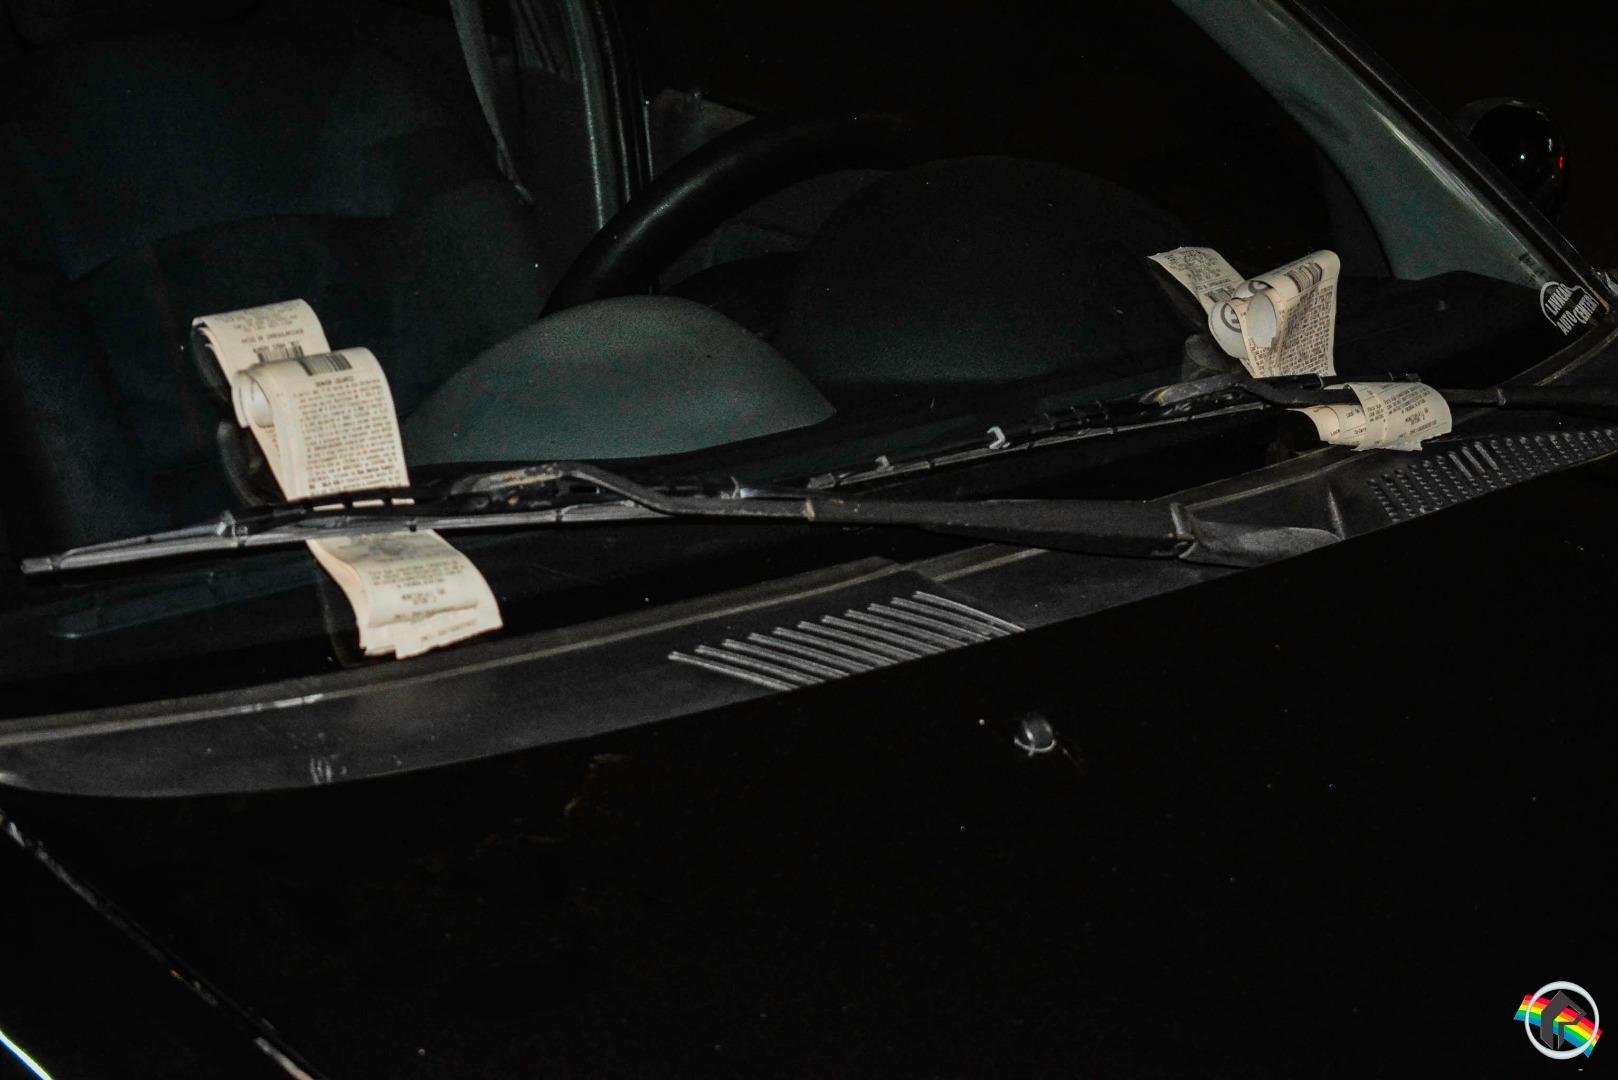 Veículo é notificado 13 vezes na Zona Azul do Estacionamento Rotativo